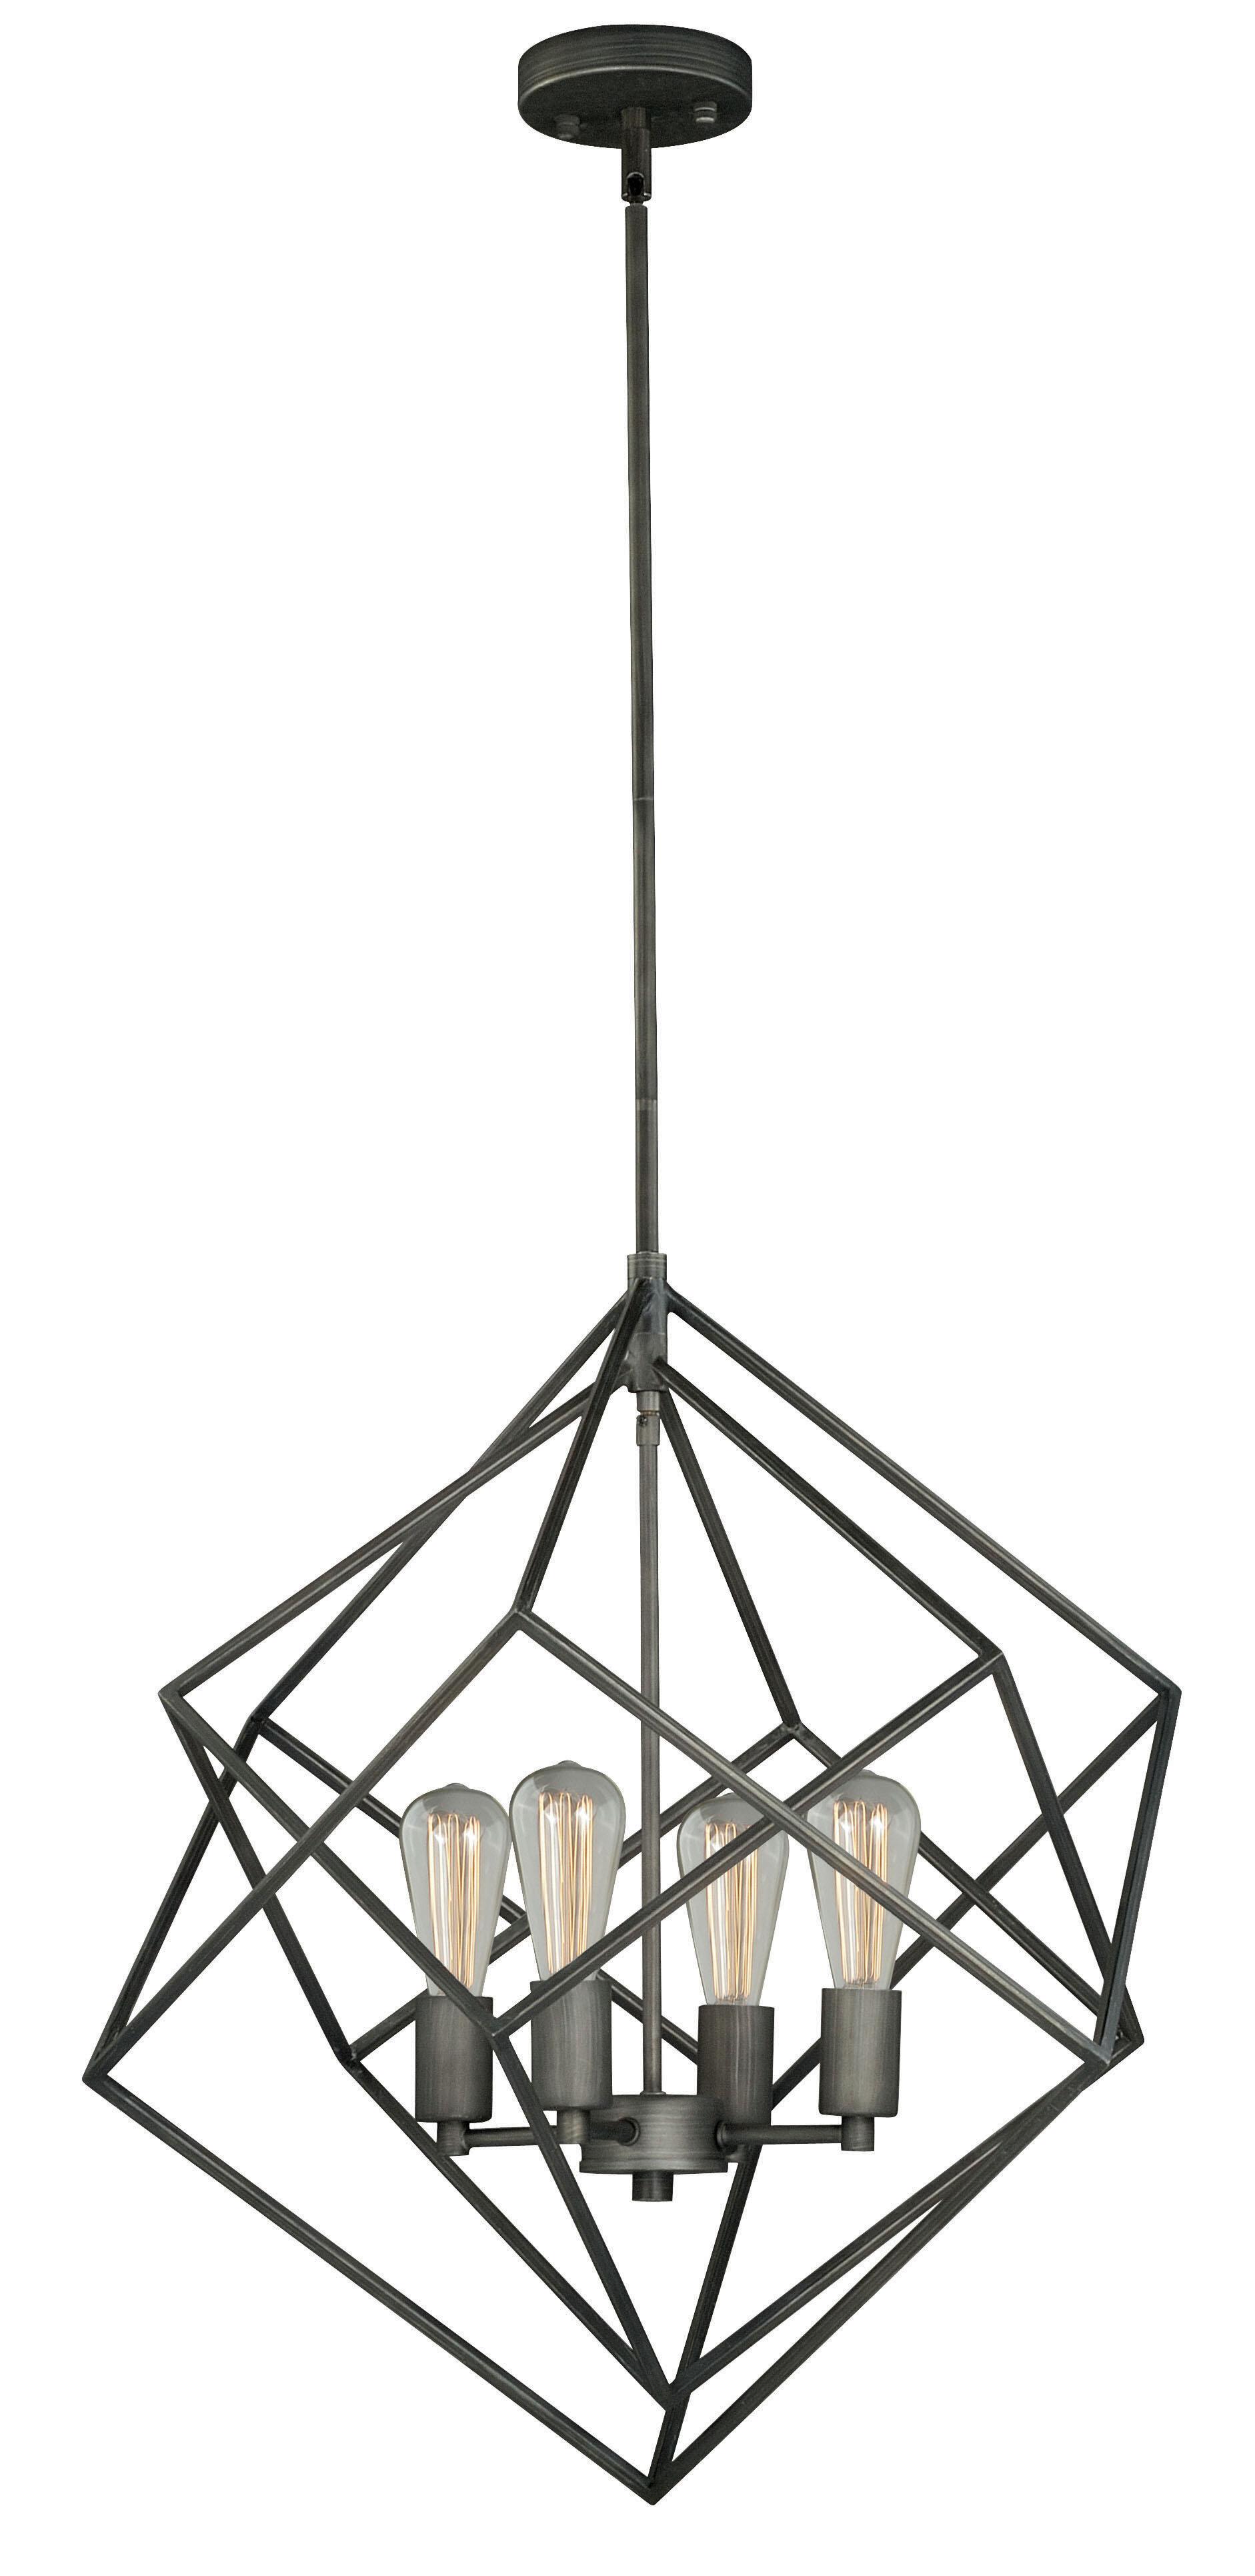 Aale 4 Light Unique Geometric Chandelier